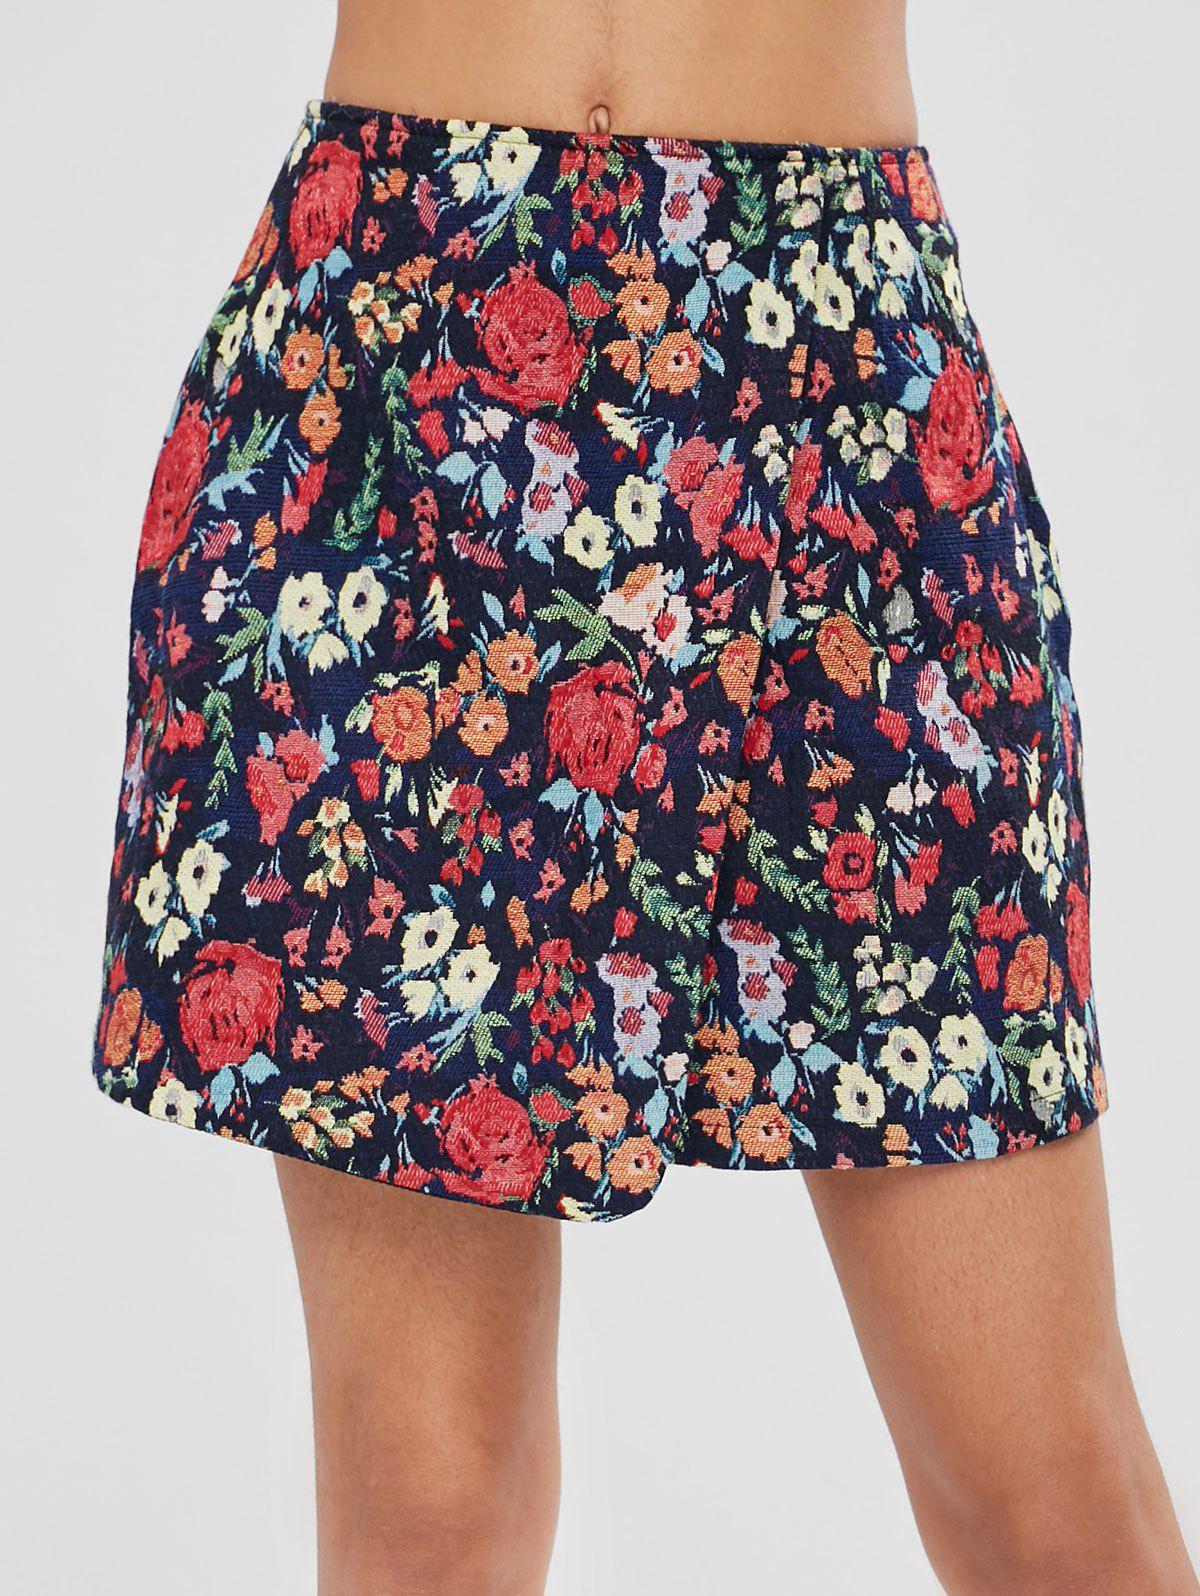 Overlap Floral Mini Skirt, Multi